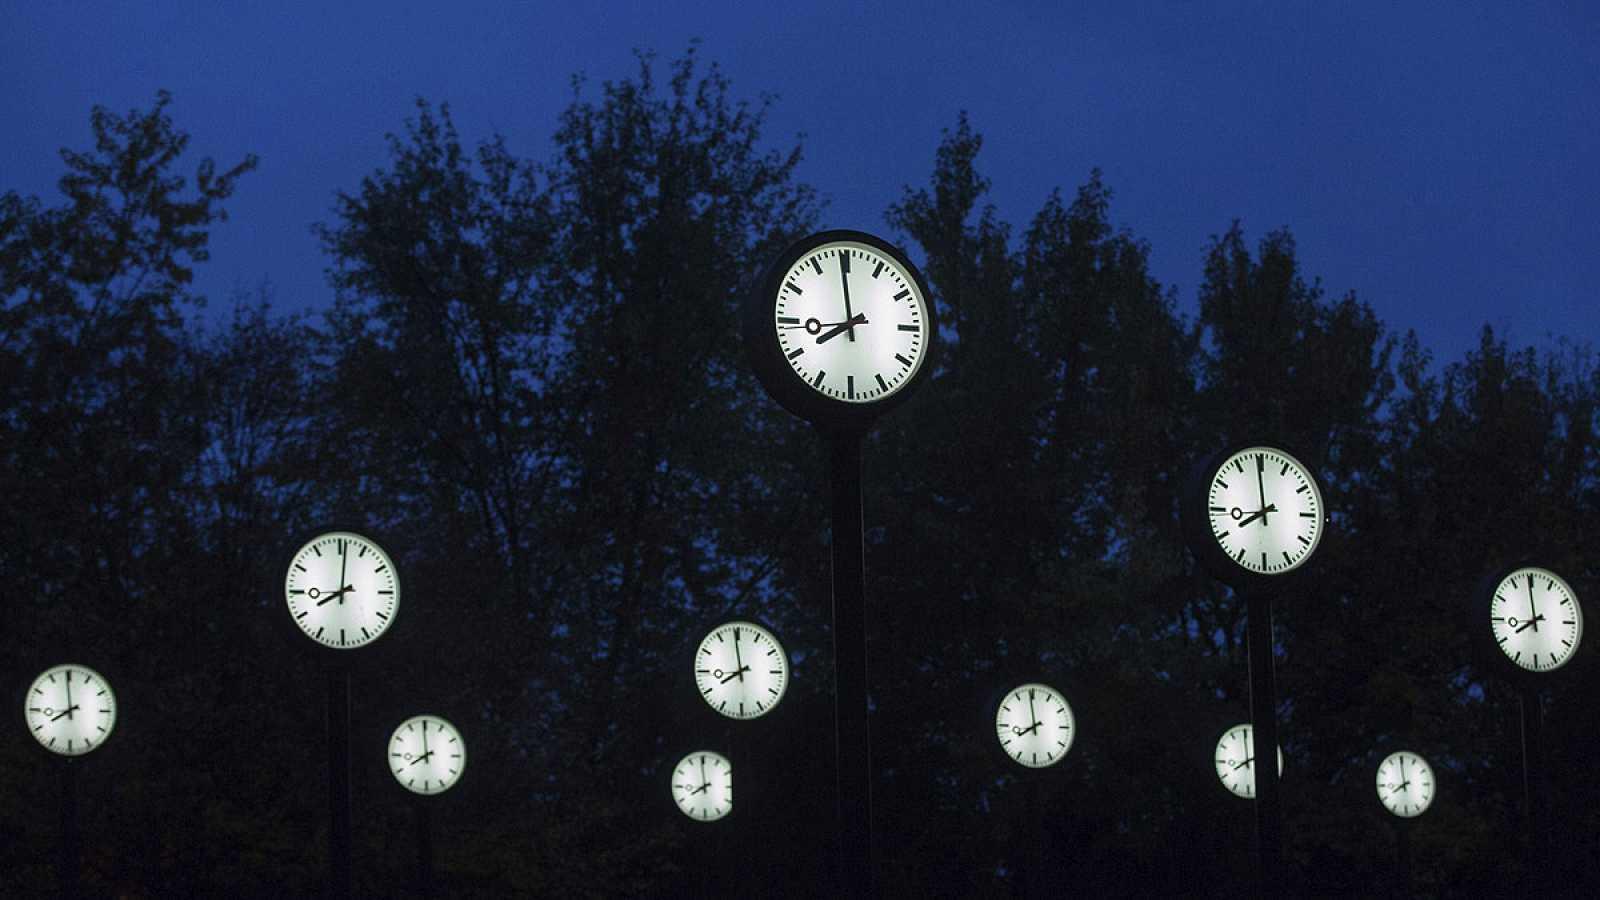 El horario de verano cambiará en la madrugada del próximo 30 de octubre cuando se retrasen los relojes una hora